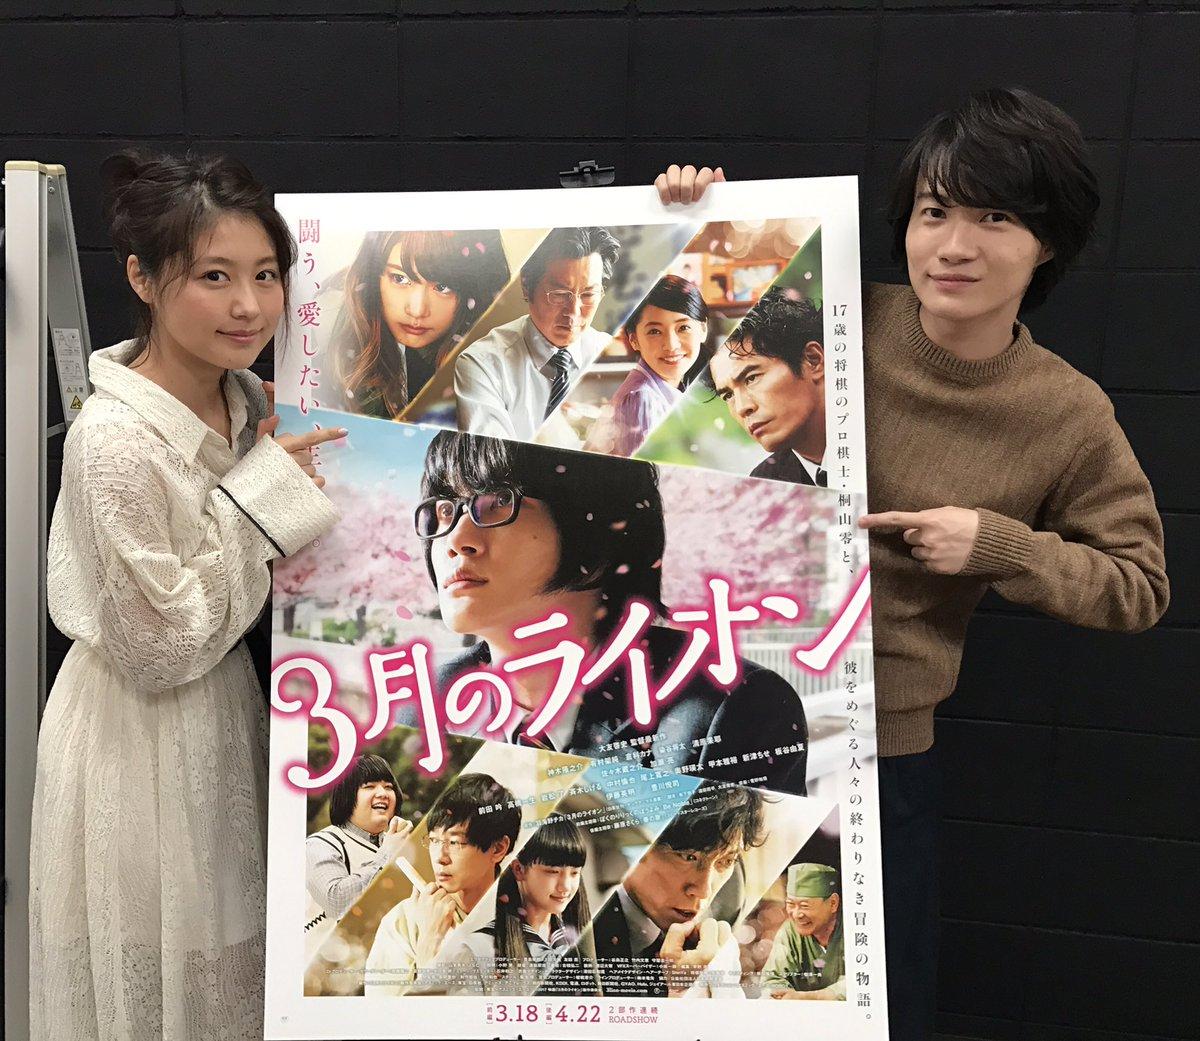 本日は映画「3月のライオン」取材日でした。有村架純さんと久々の再会!皆さんに観て頂けるまであと少し。楽しみにしていて下さ